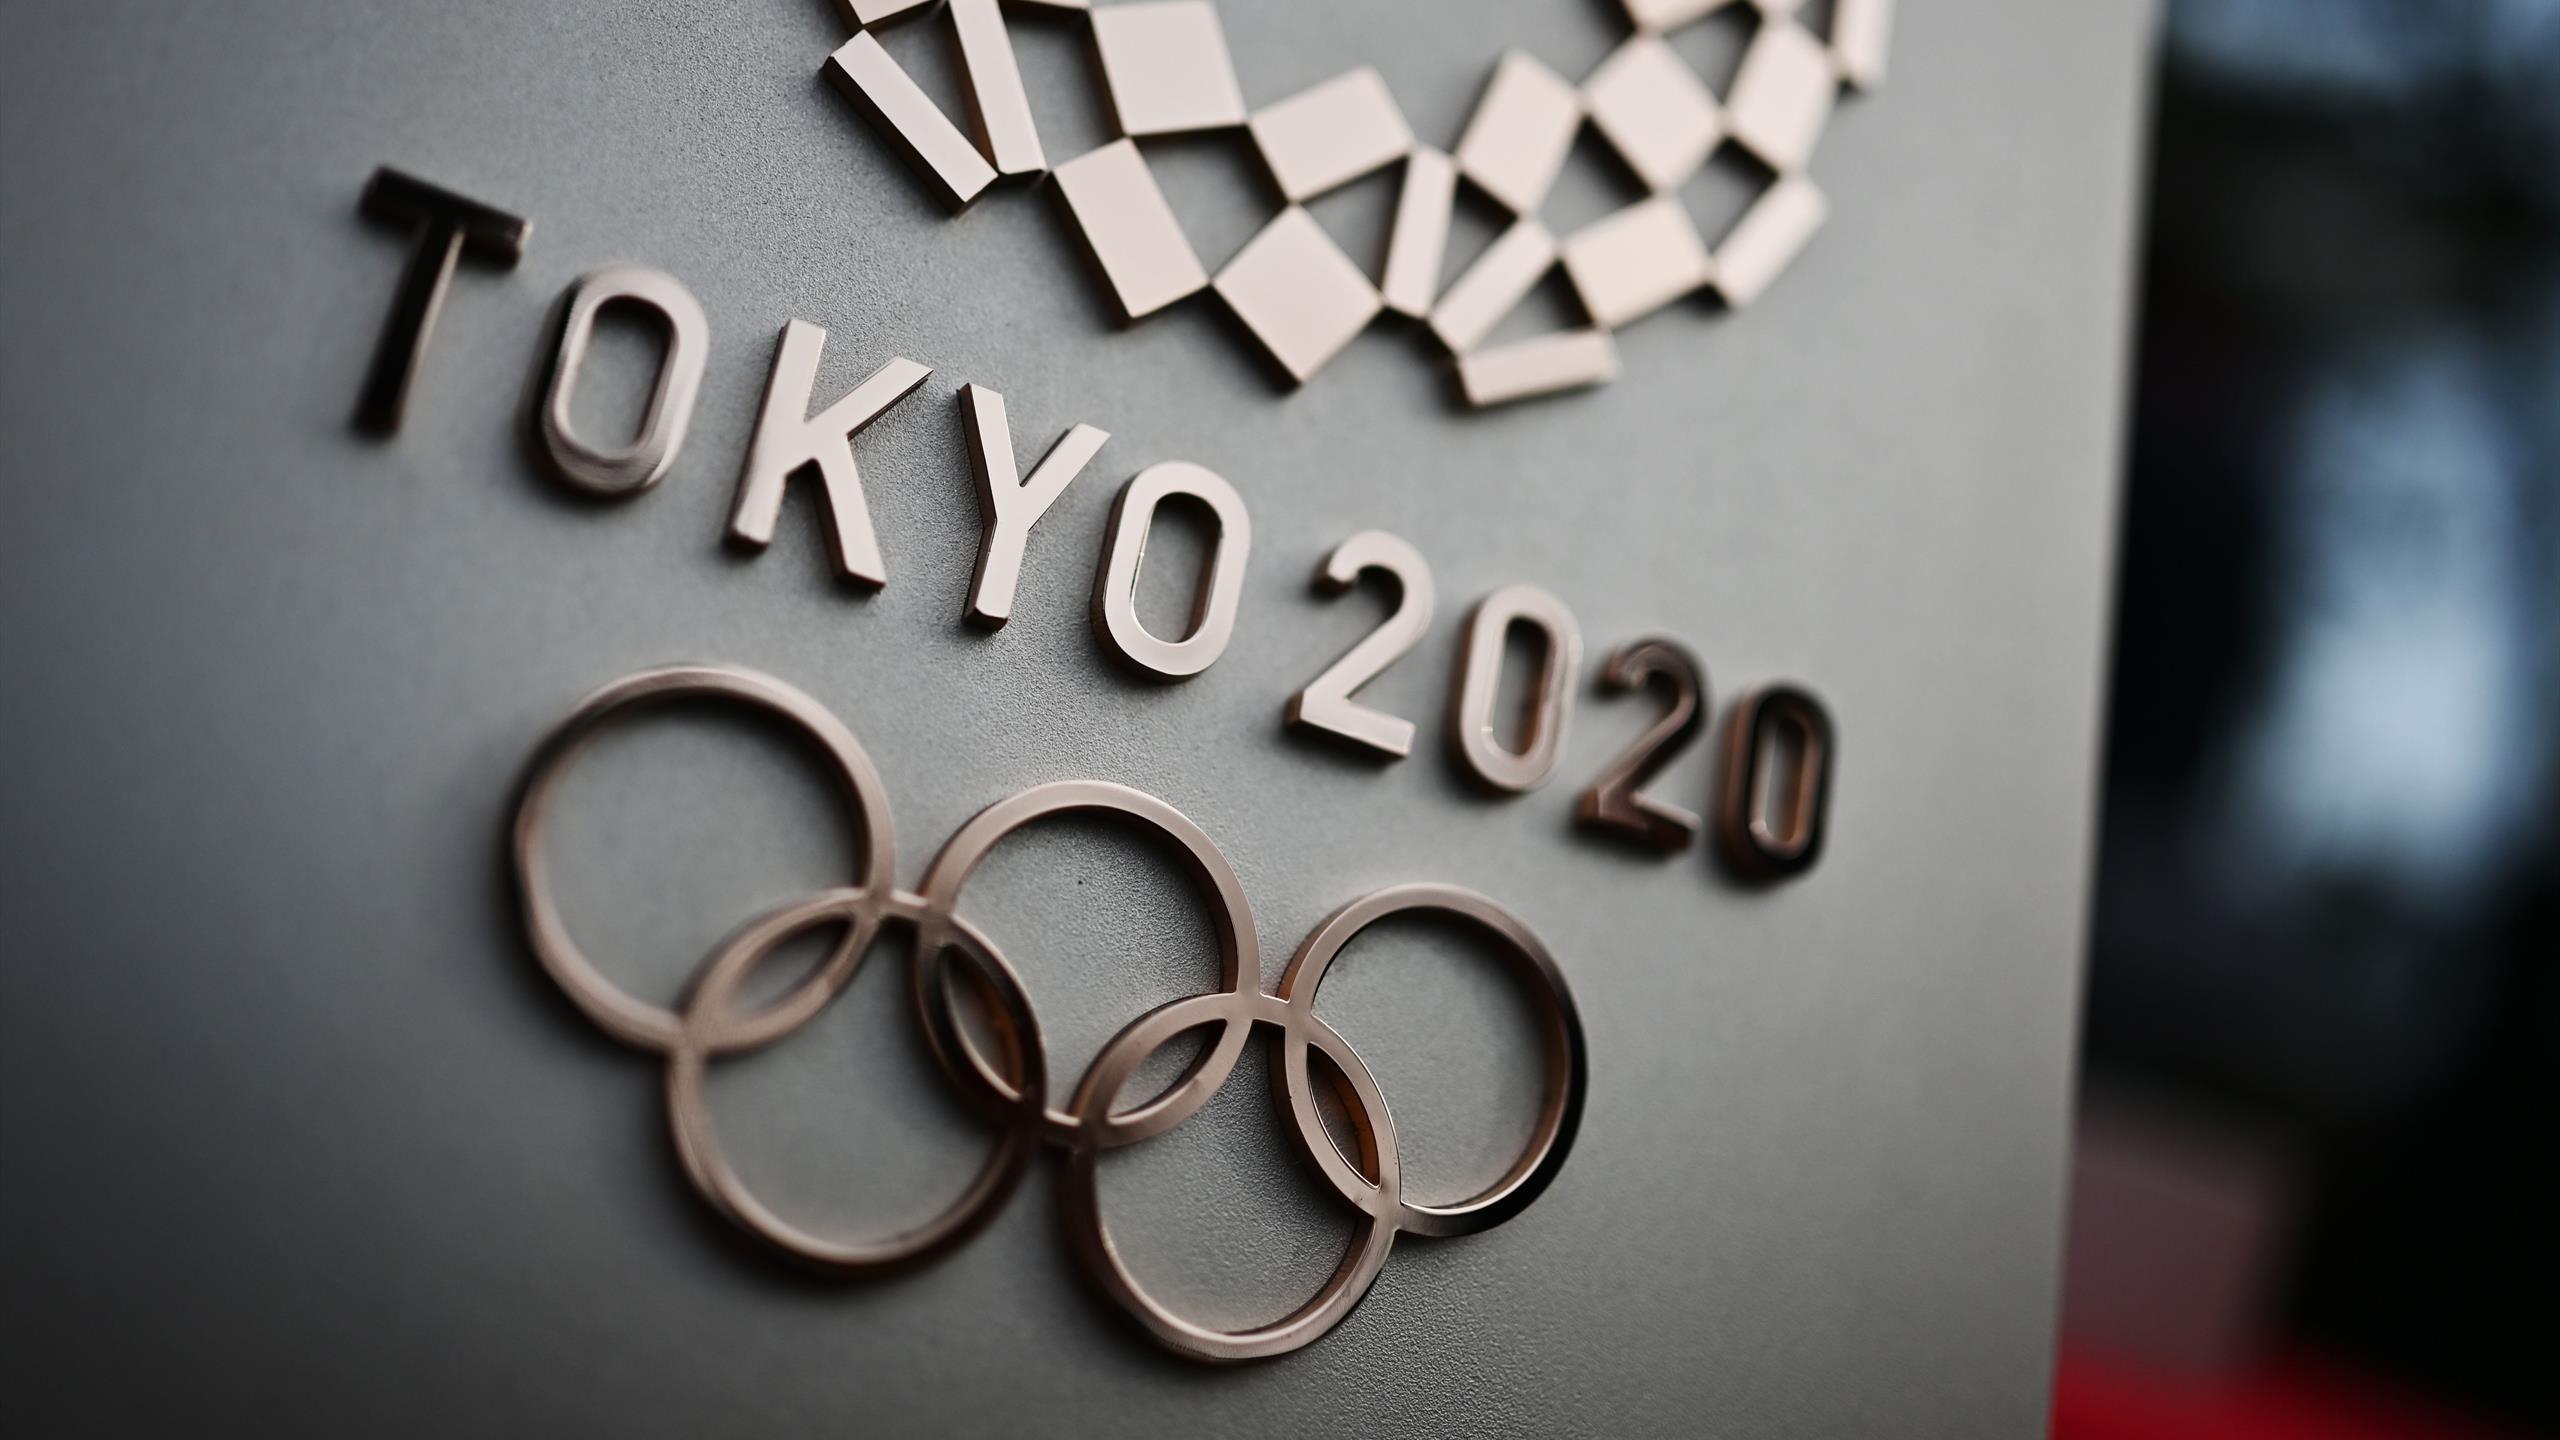 Харьковские спортсмены завоевали лицензии на участие в Олимпийских играх